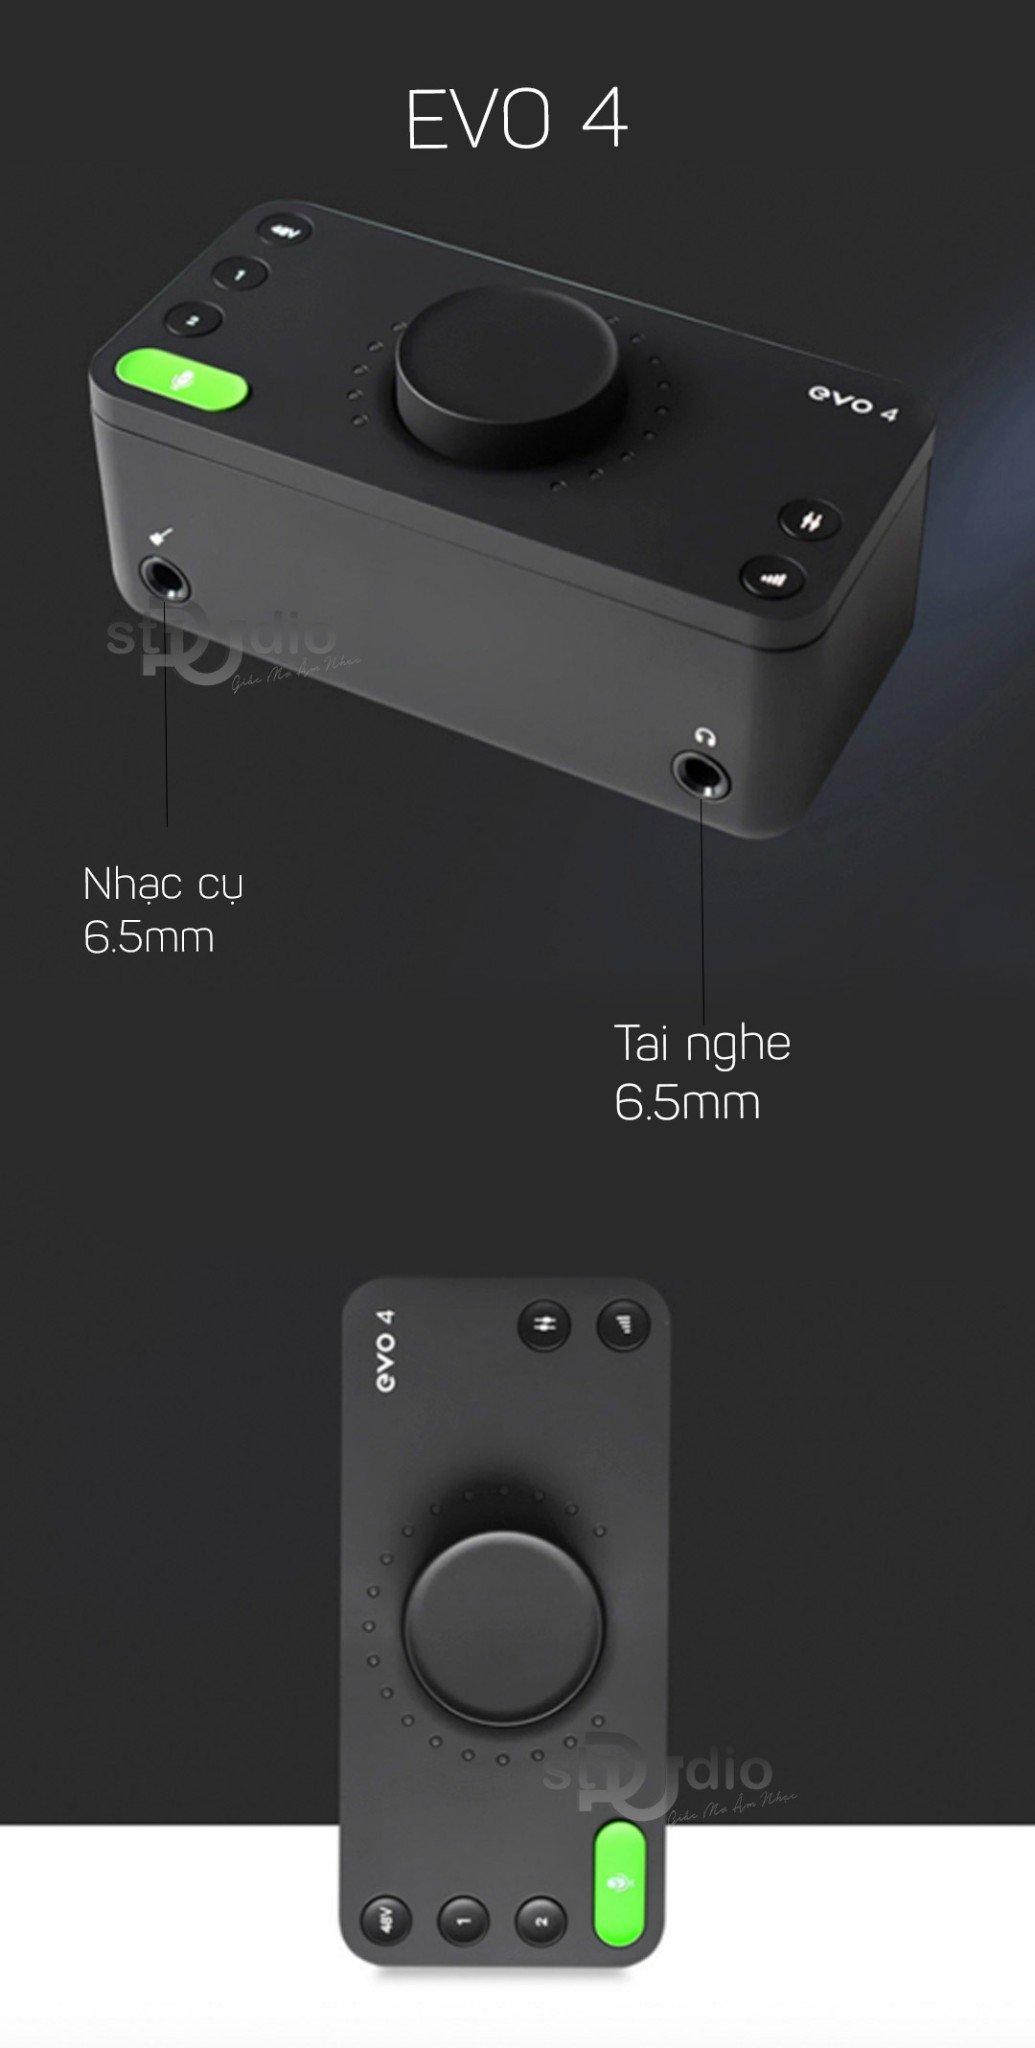 Sound card thu âm Audient Evo 4 - Interface thu âm mini chuyên dụng